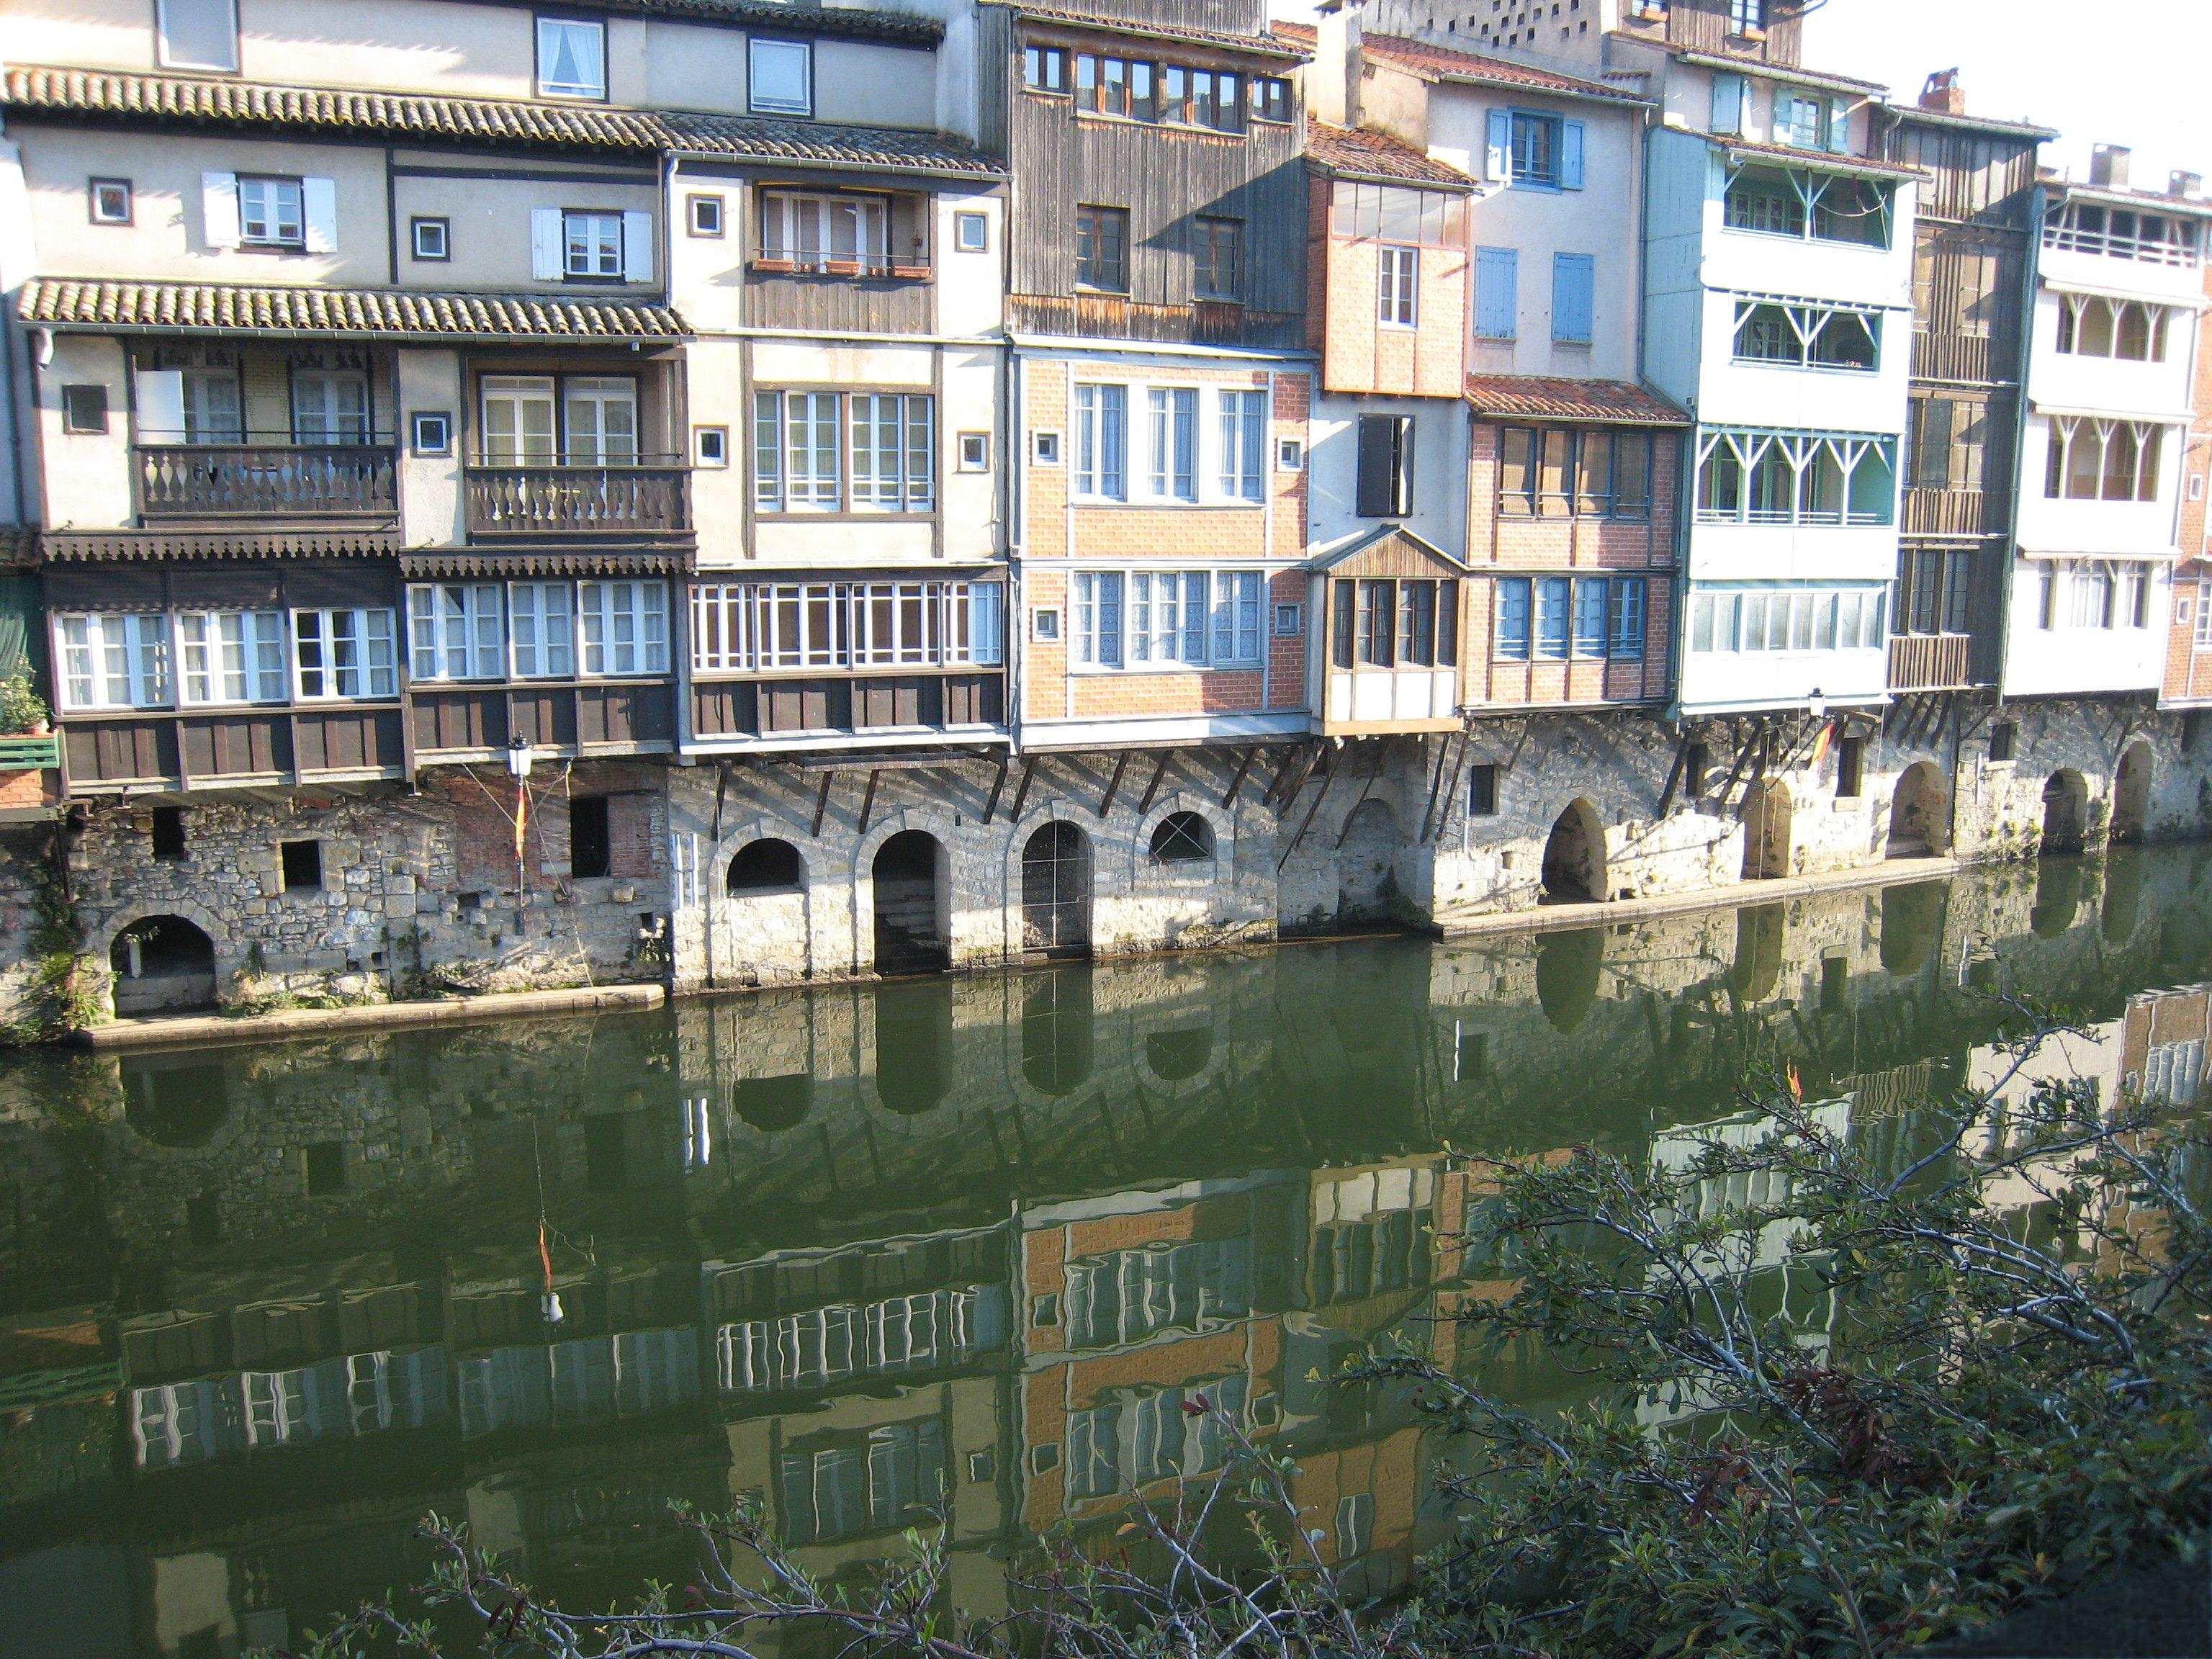 Castres France  city photos gallery : Maisons sur l'Agoût